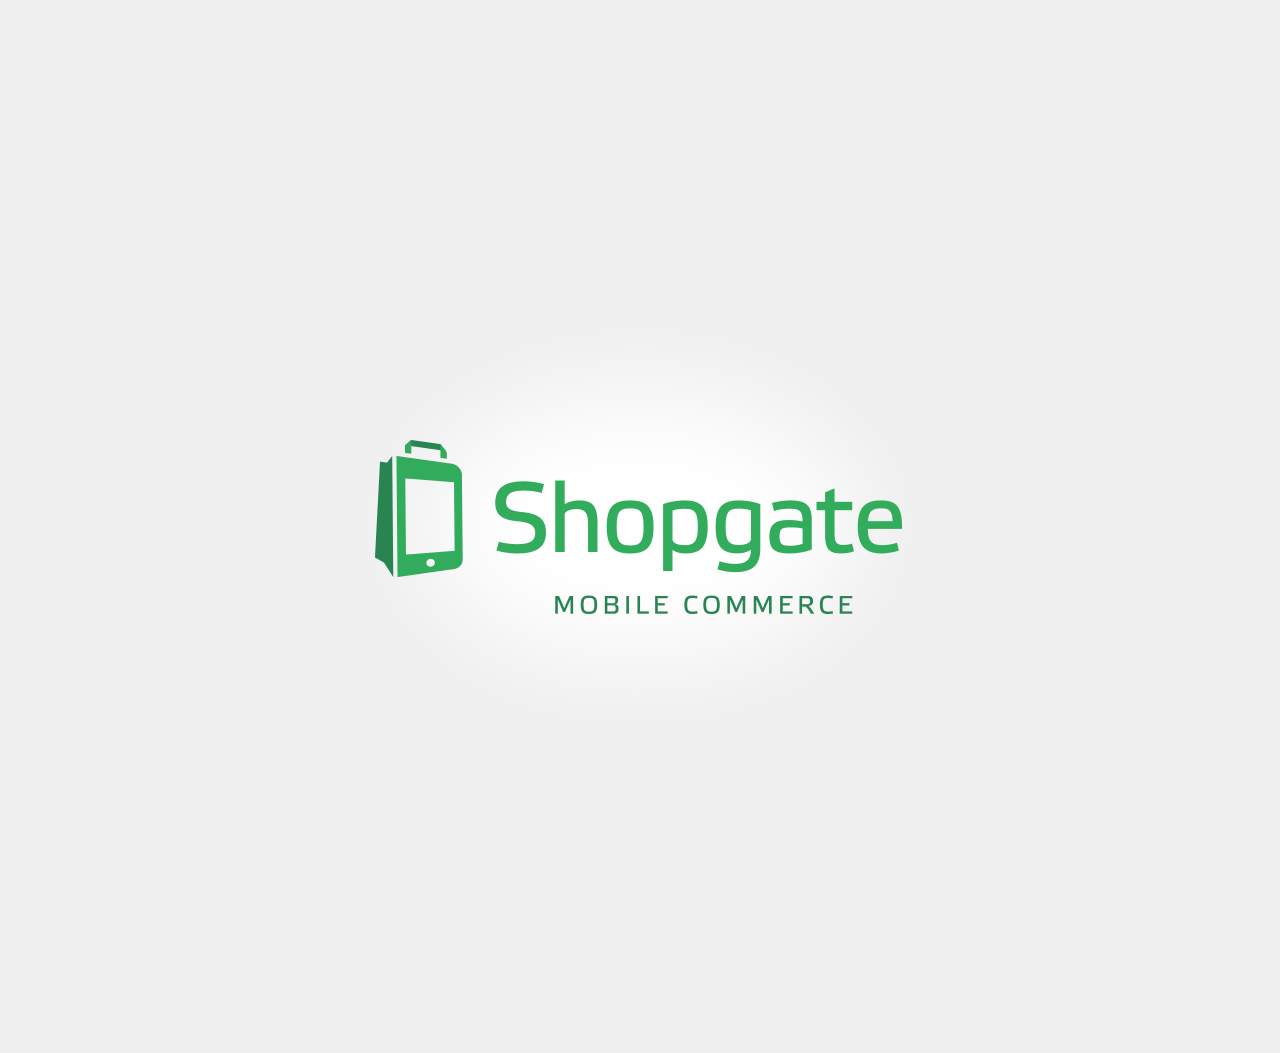 shopgate-screen-4